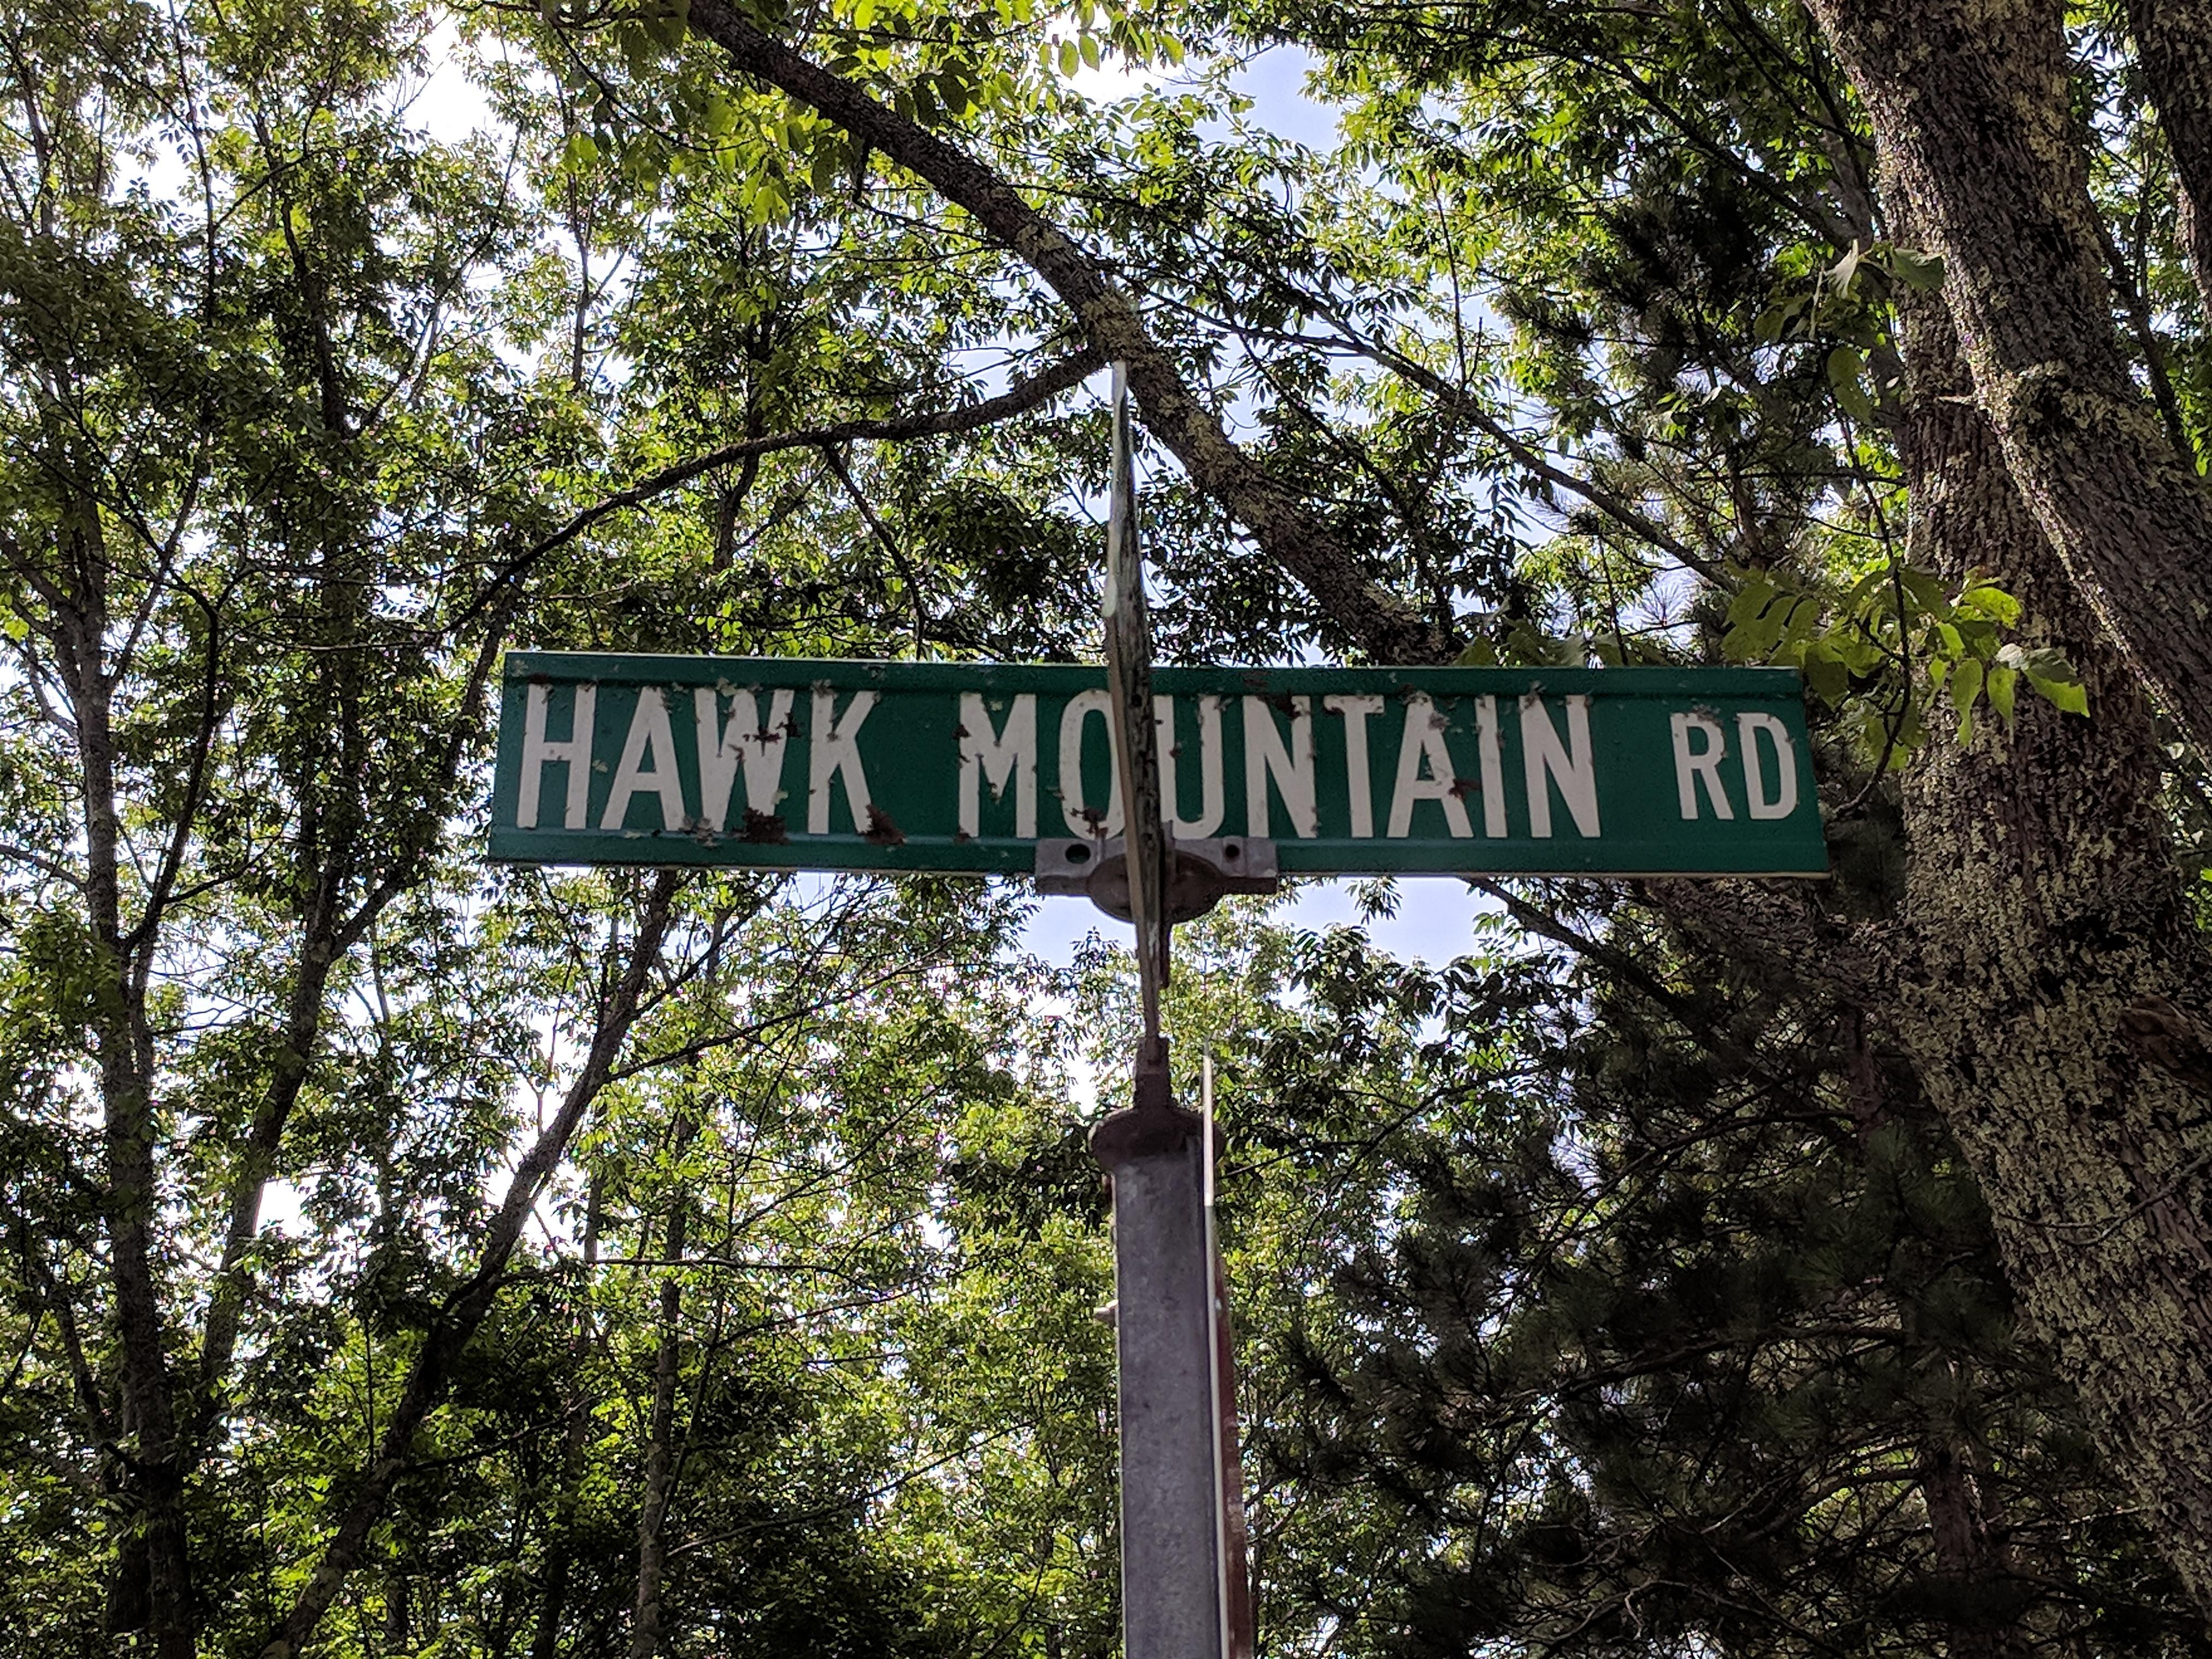 Hawk Mountain Road in Pittsfield VT